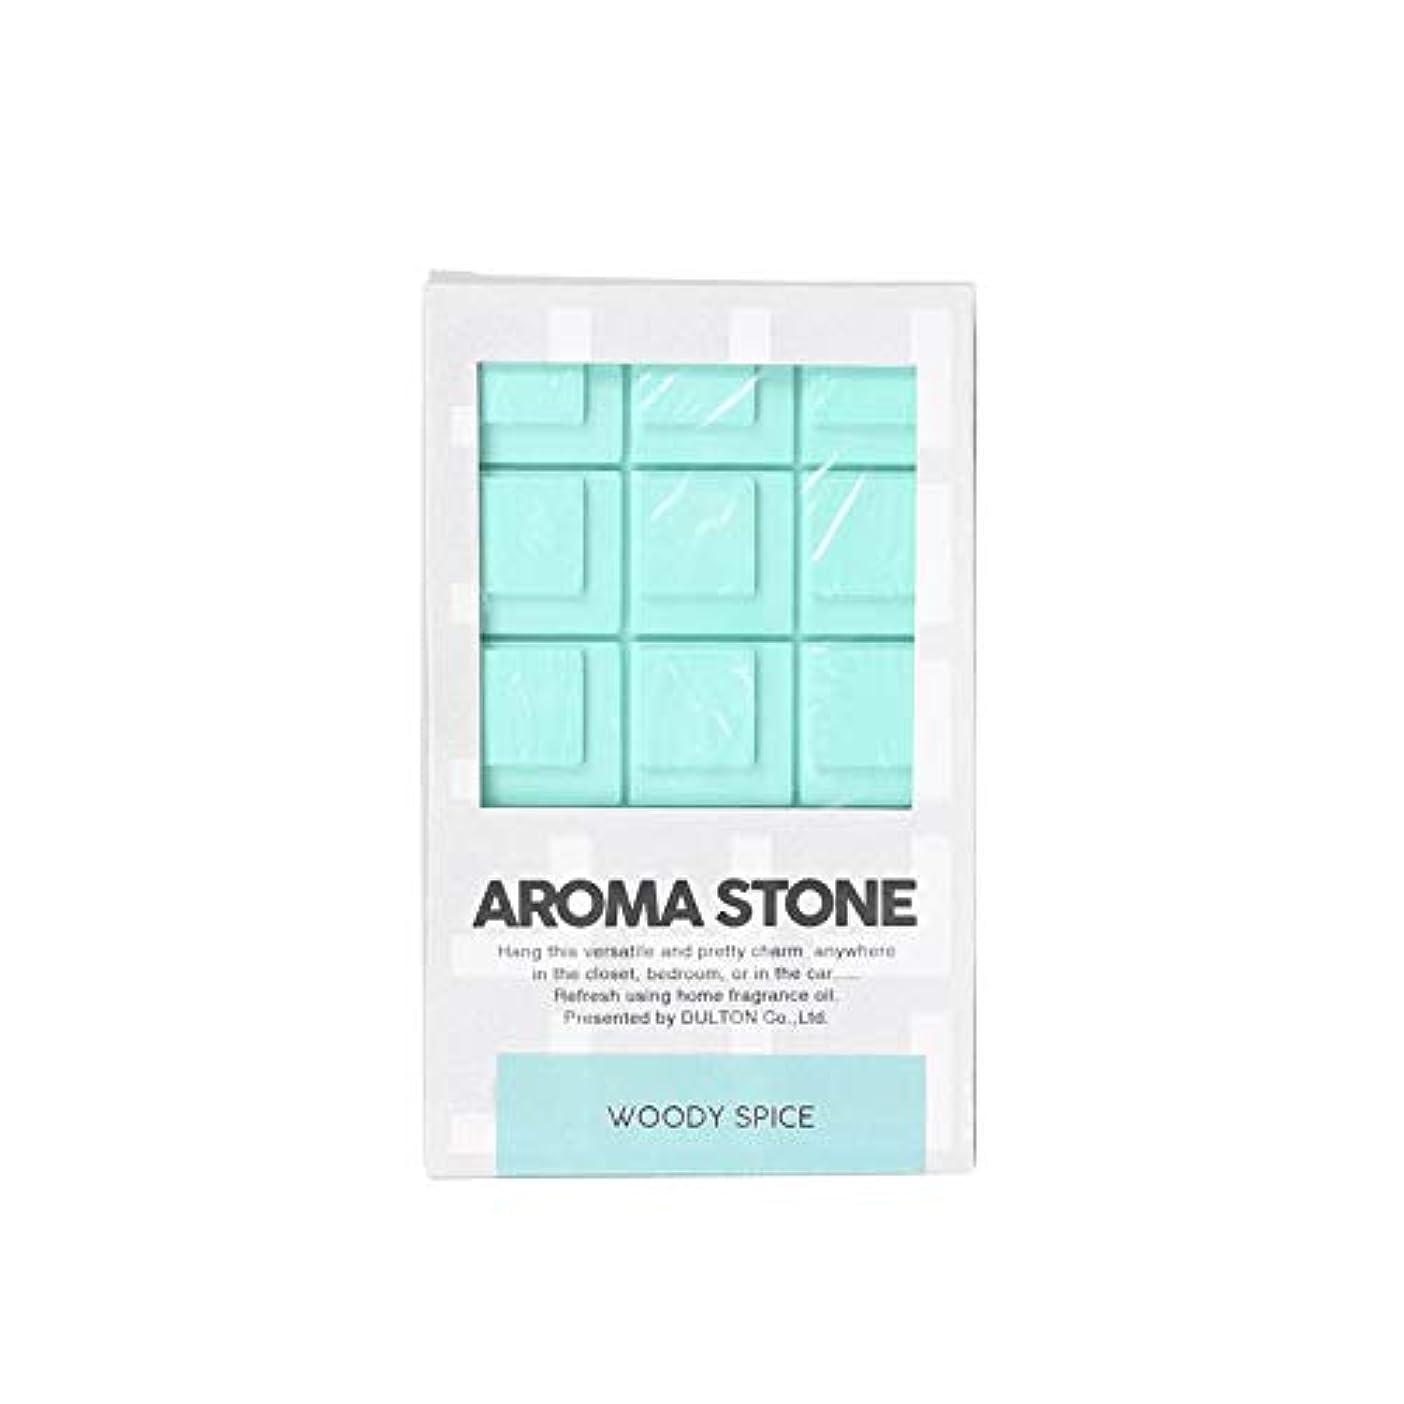 ジャーナルナプキンバストダルトン Aroma stone アロマストーン G975-1268 Woody spice